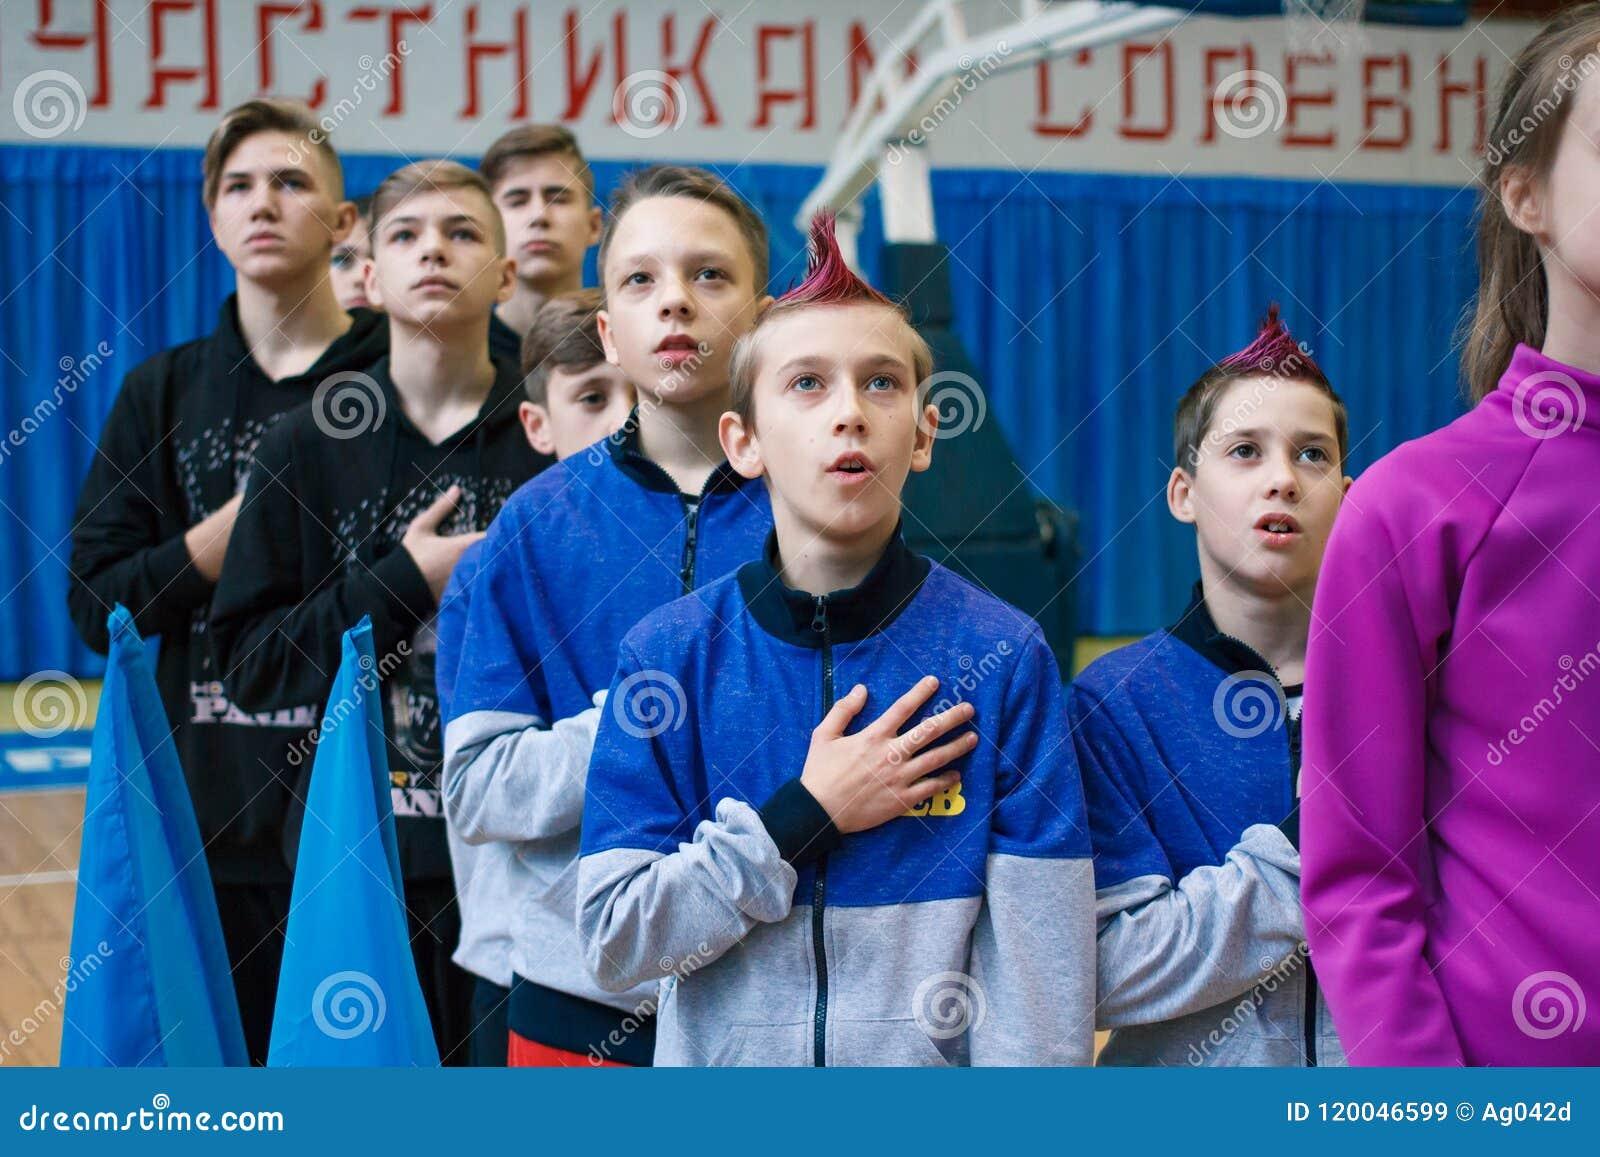 Junge Athleten hören auf das Nationalhymne, Ñ- hampionship der Stadt von Kamenskoye, beim cheerleading unter Soli, die Duos und